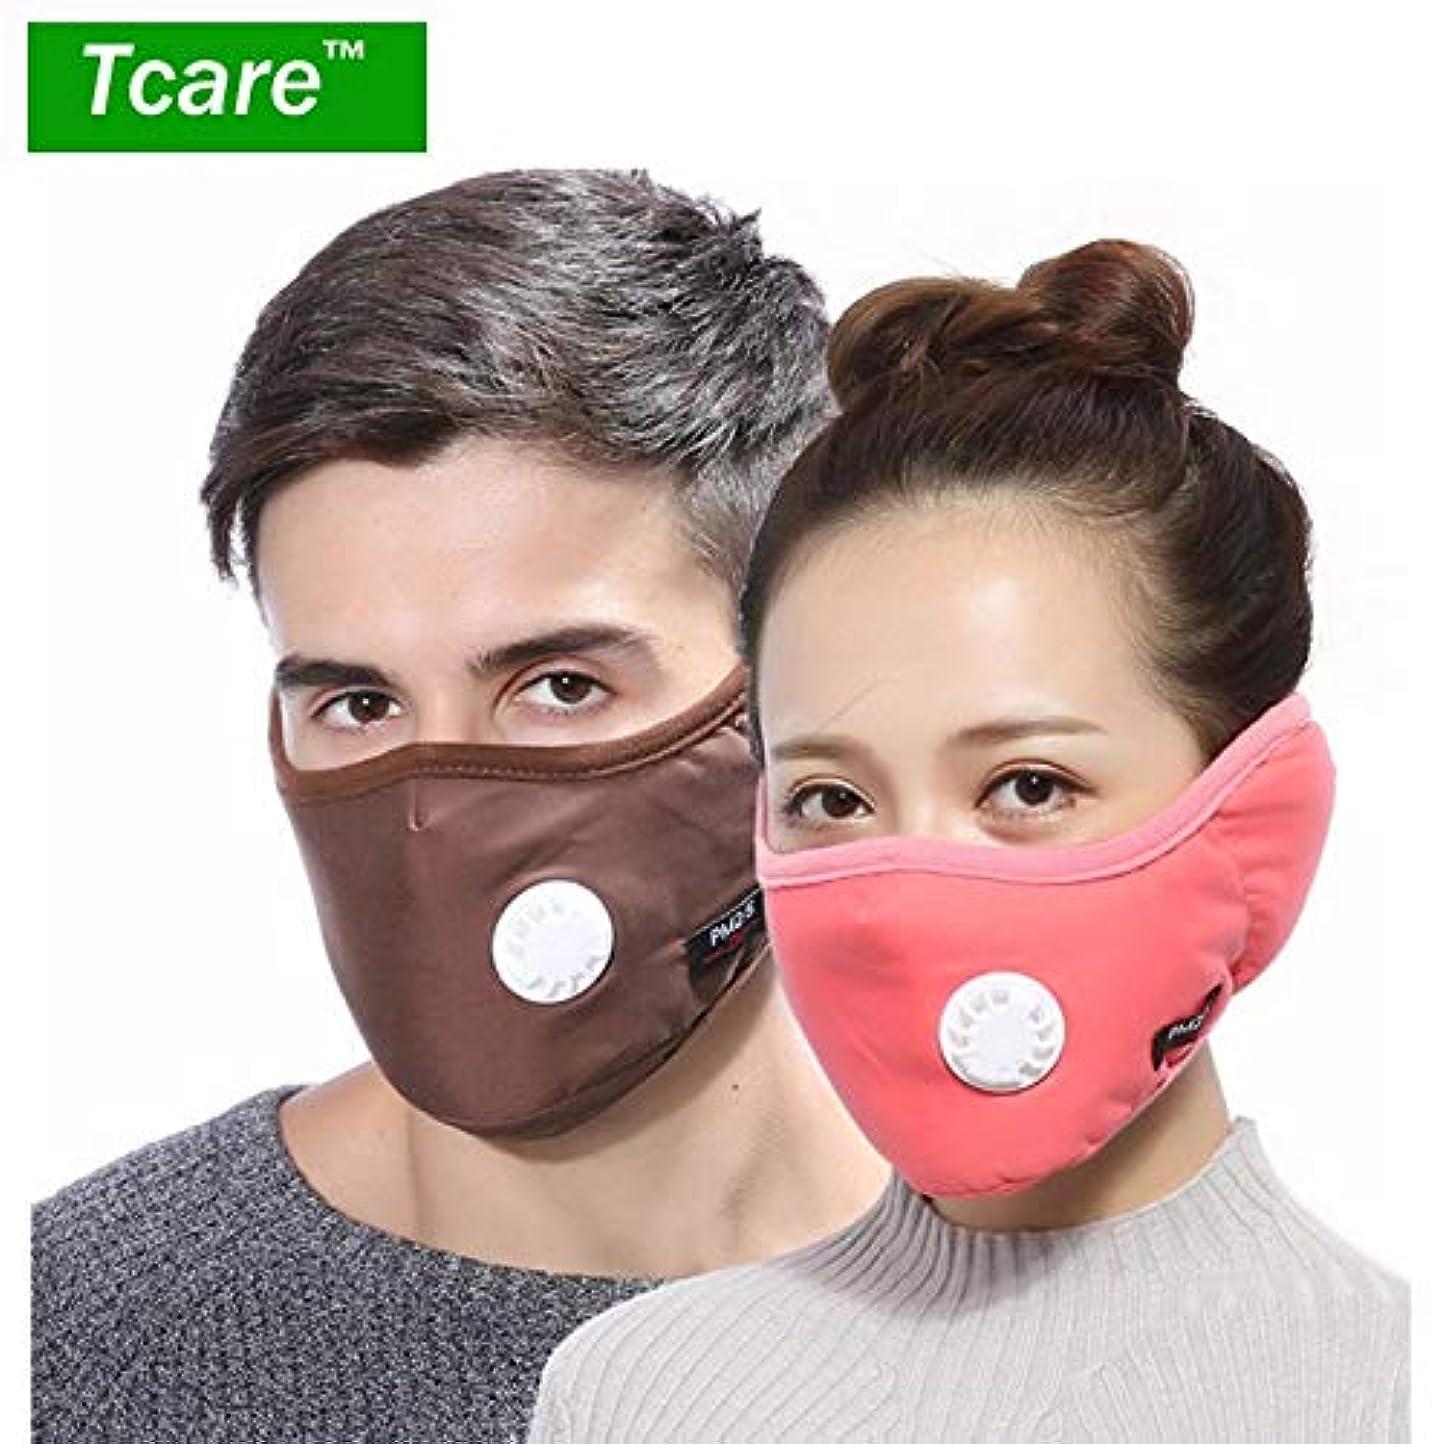 混沌マンモス織る3ダーク:1 PM2.5マスクバルブコットンアンチダスト口マスクの冬のイヤーマフActtedフィルター付マスクでTcare 2